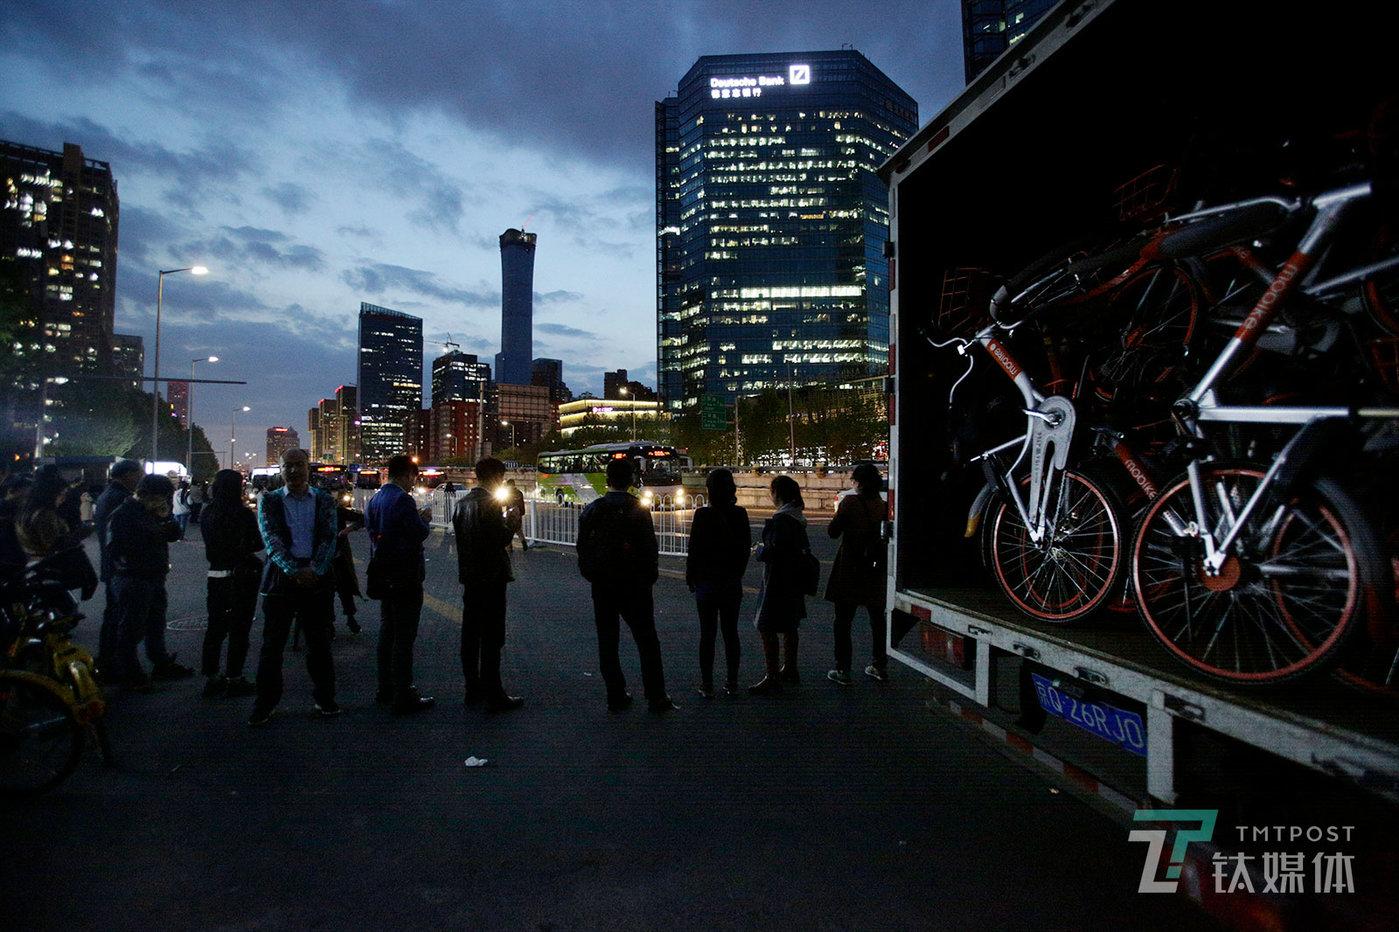 【归途】4月23日晚,北京CBD八王坟公交站,等待去往燕郊班车的上班族和即将被运走的摩拜单车。